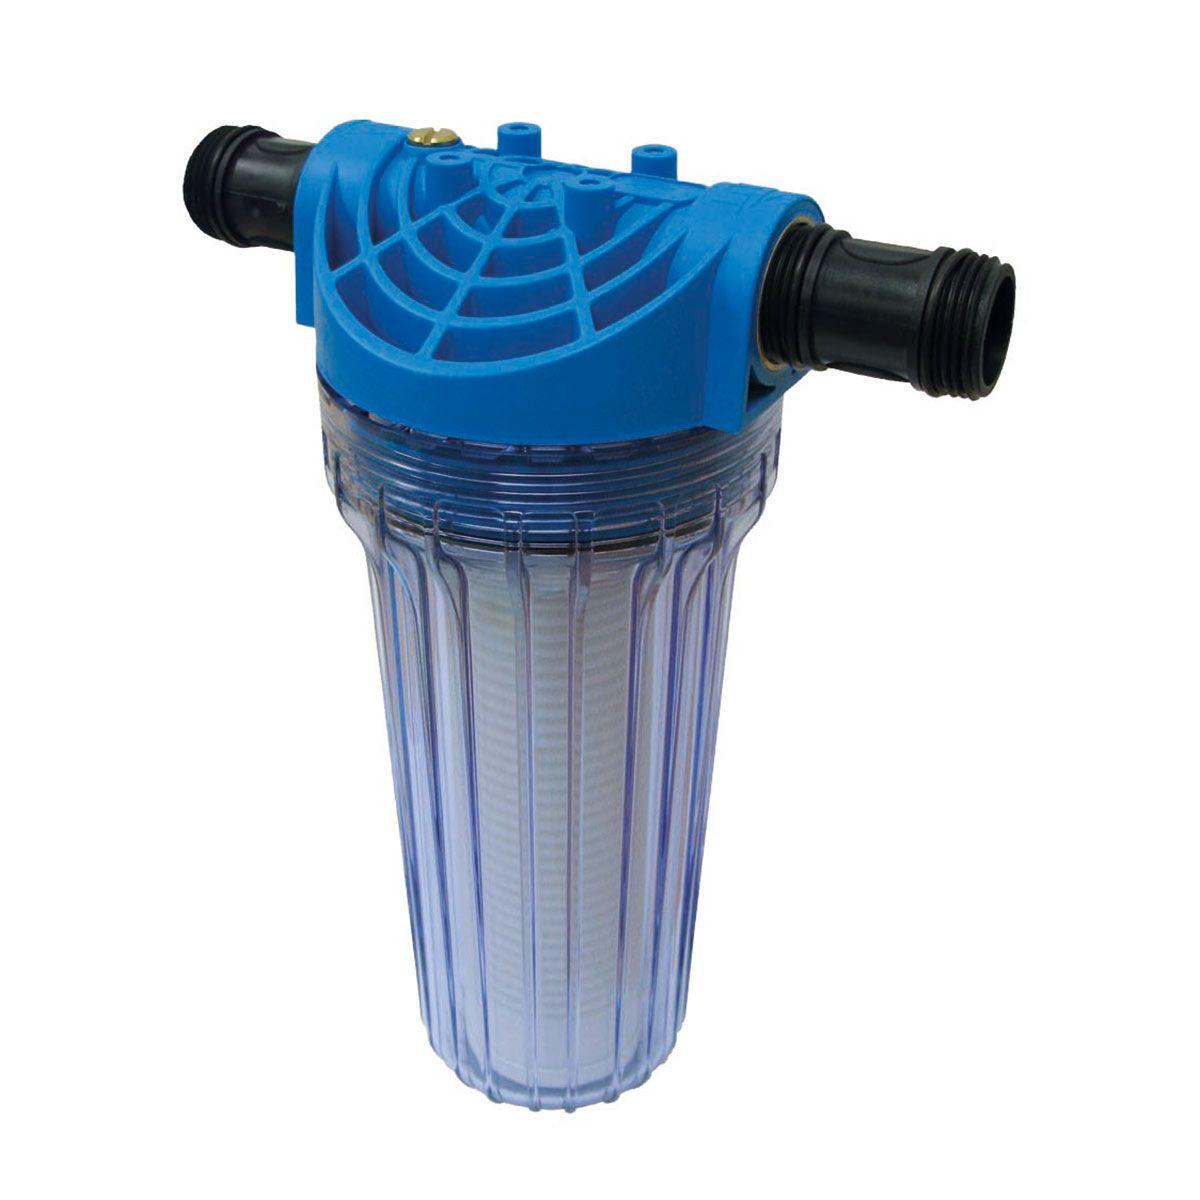 Pumpen-Vorfilter, aus Kunststoff, 1', 2l, 150 µ